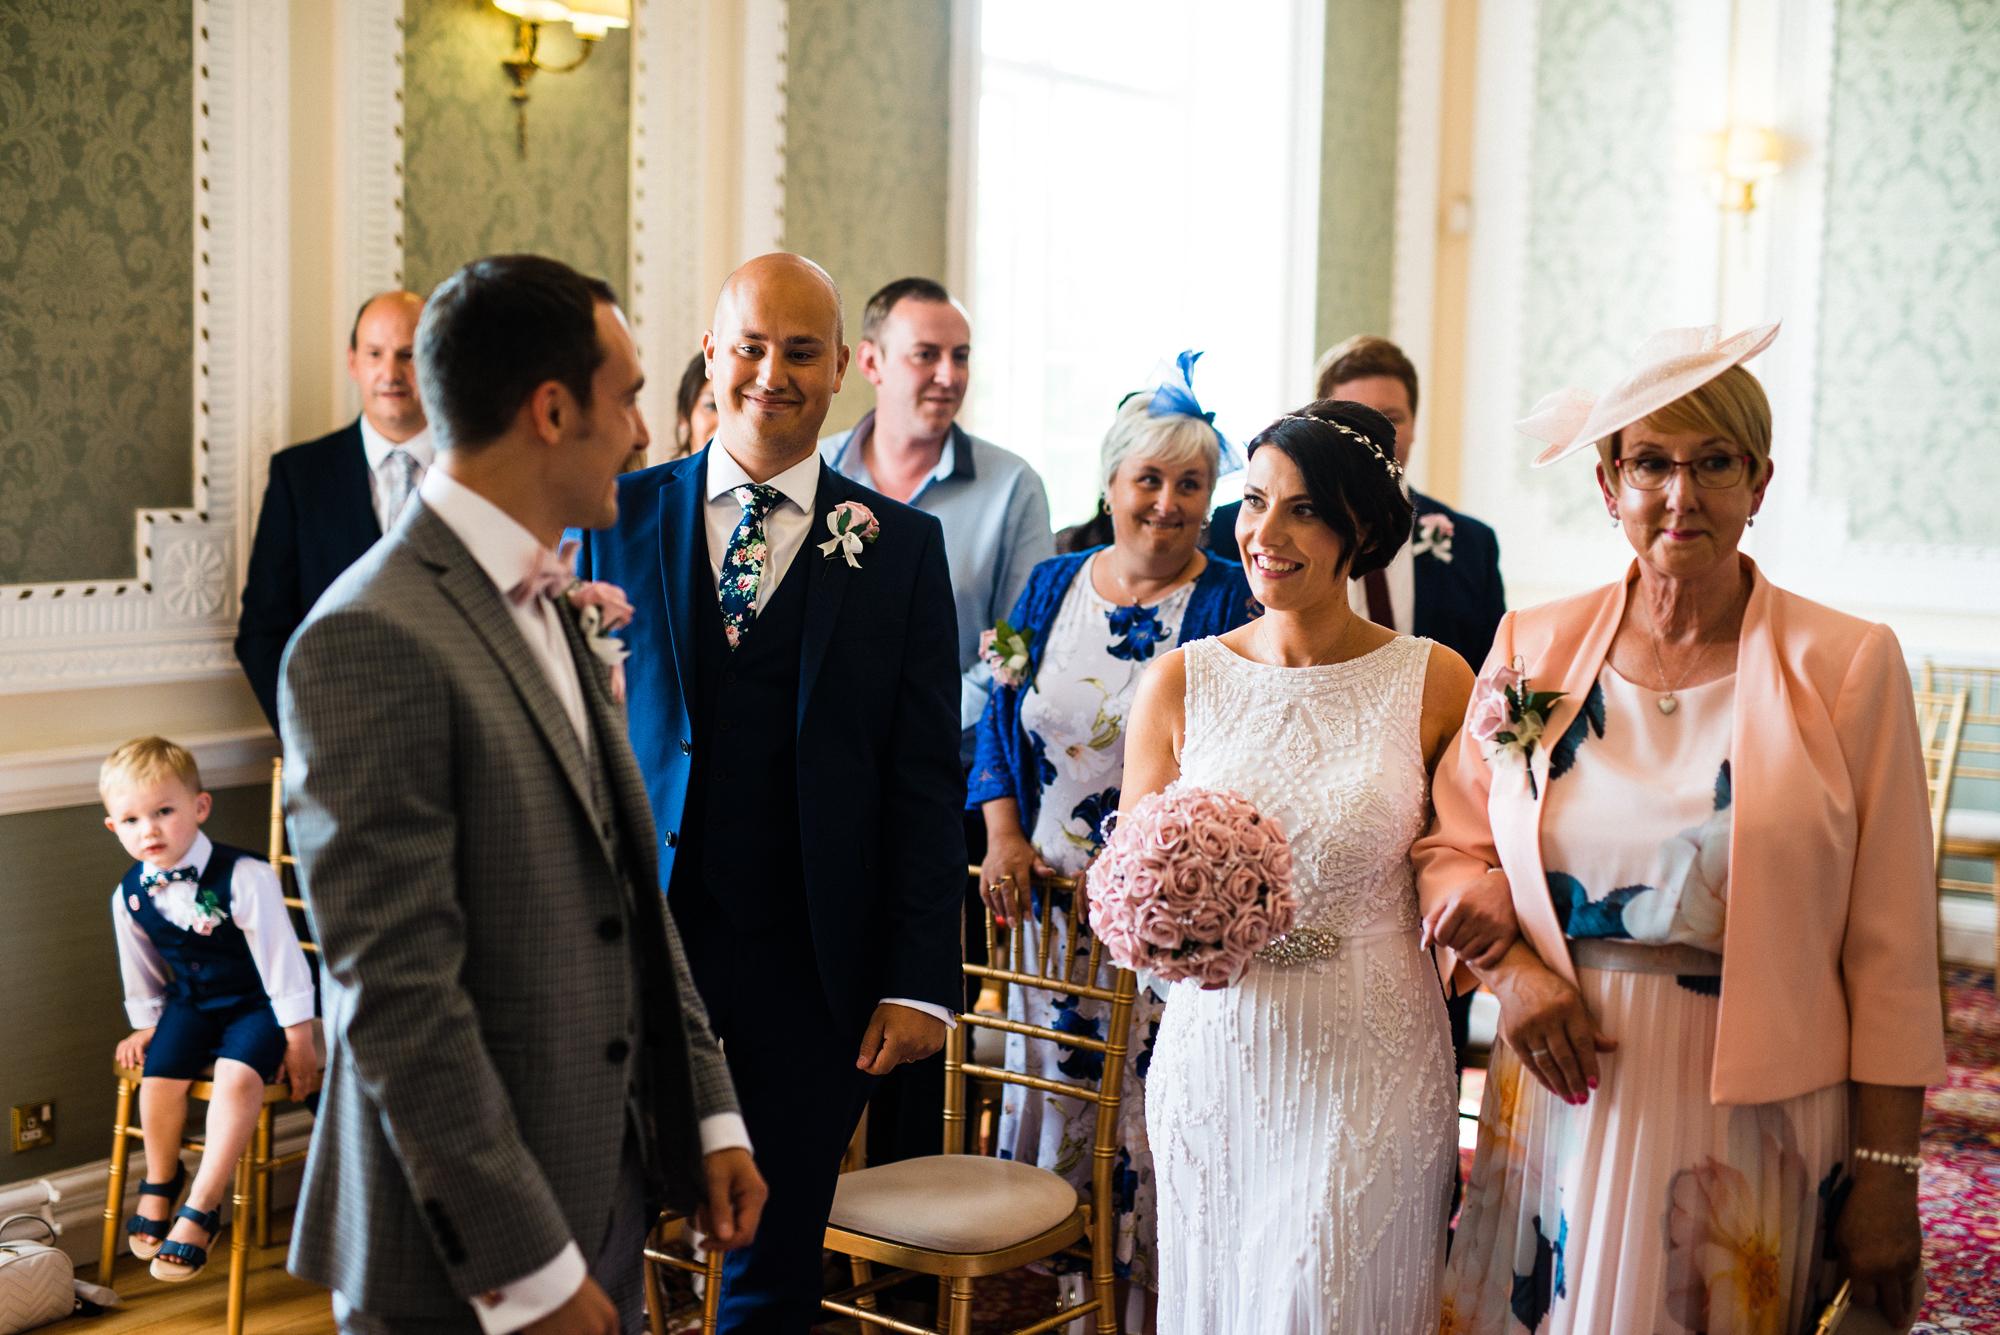 Crewe wedding photography10.jpg